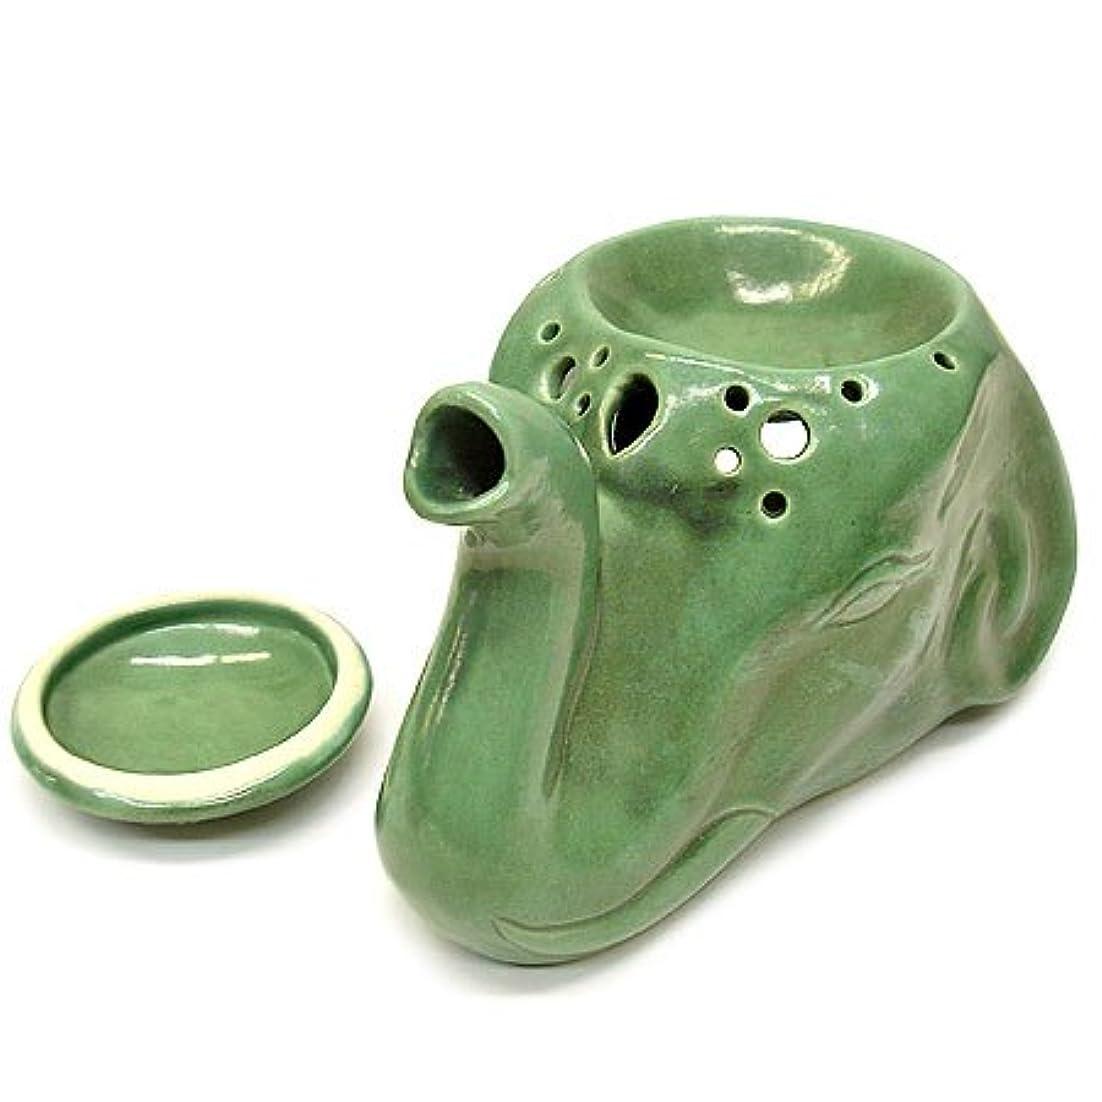 ストラトフォードオンエイボン弱めるエトナ山タバナン 象のアロマオイルバーナーセット 緑アジアン雑貨